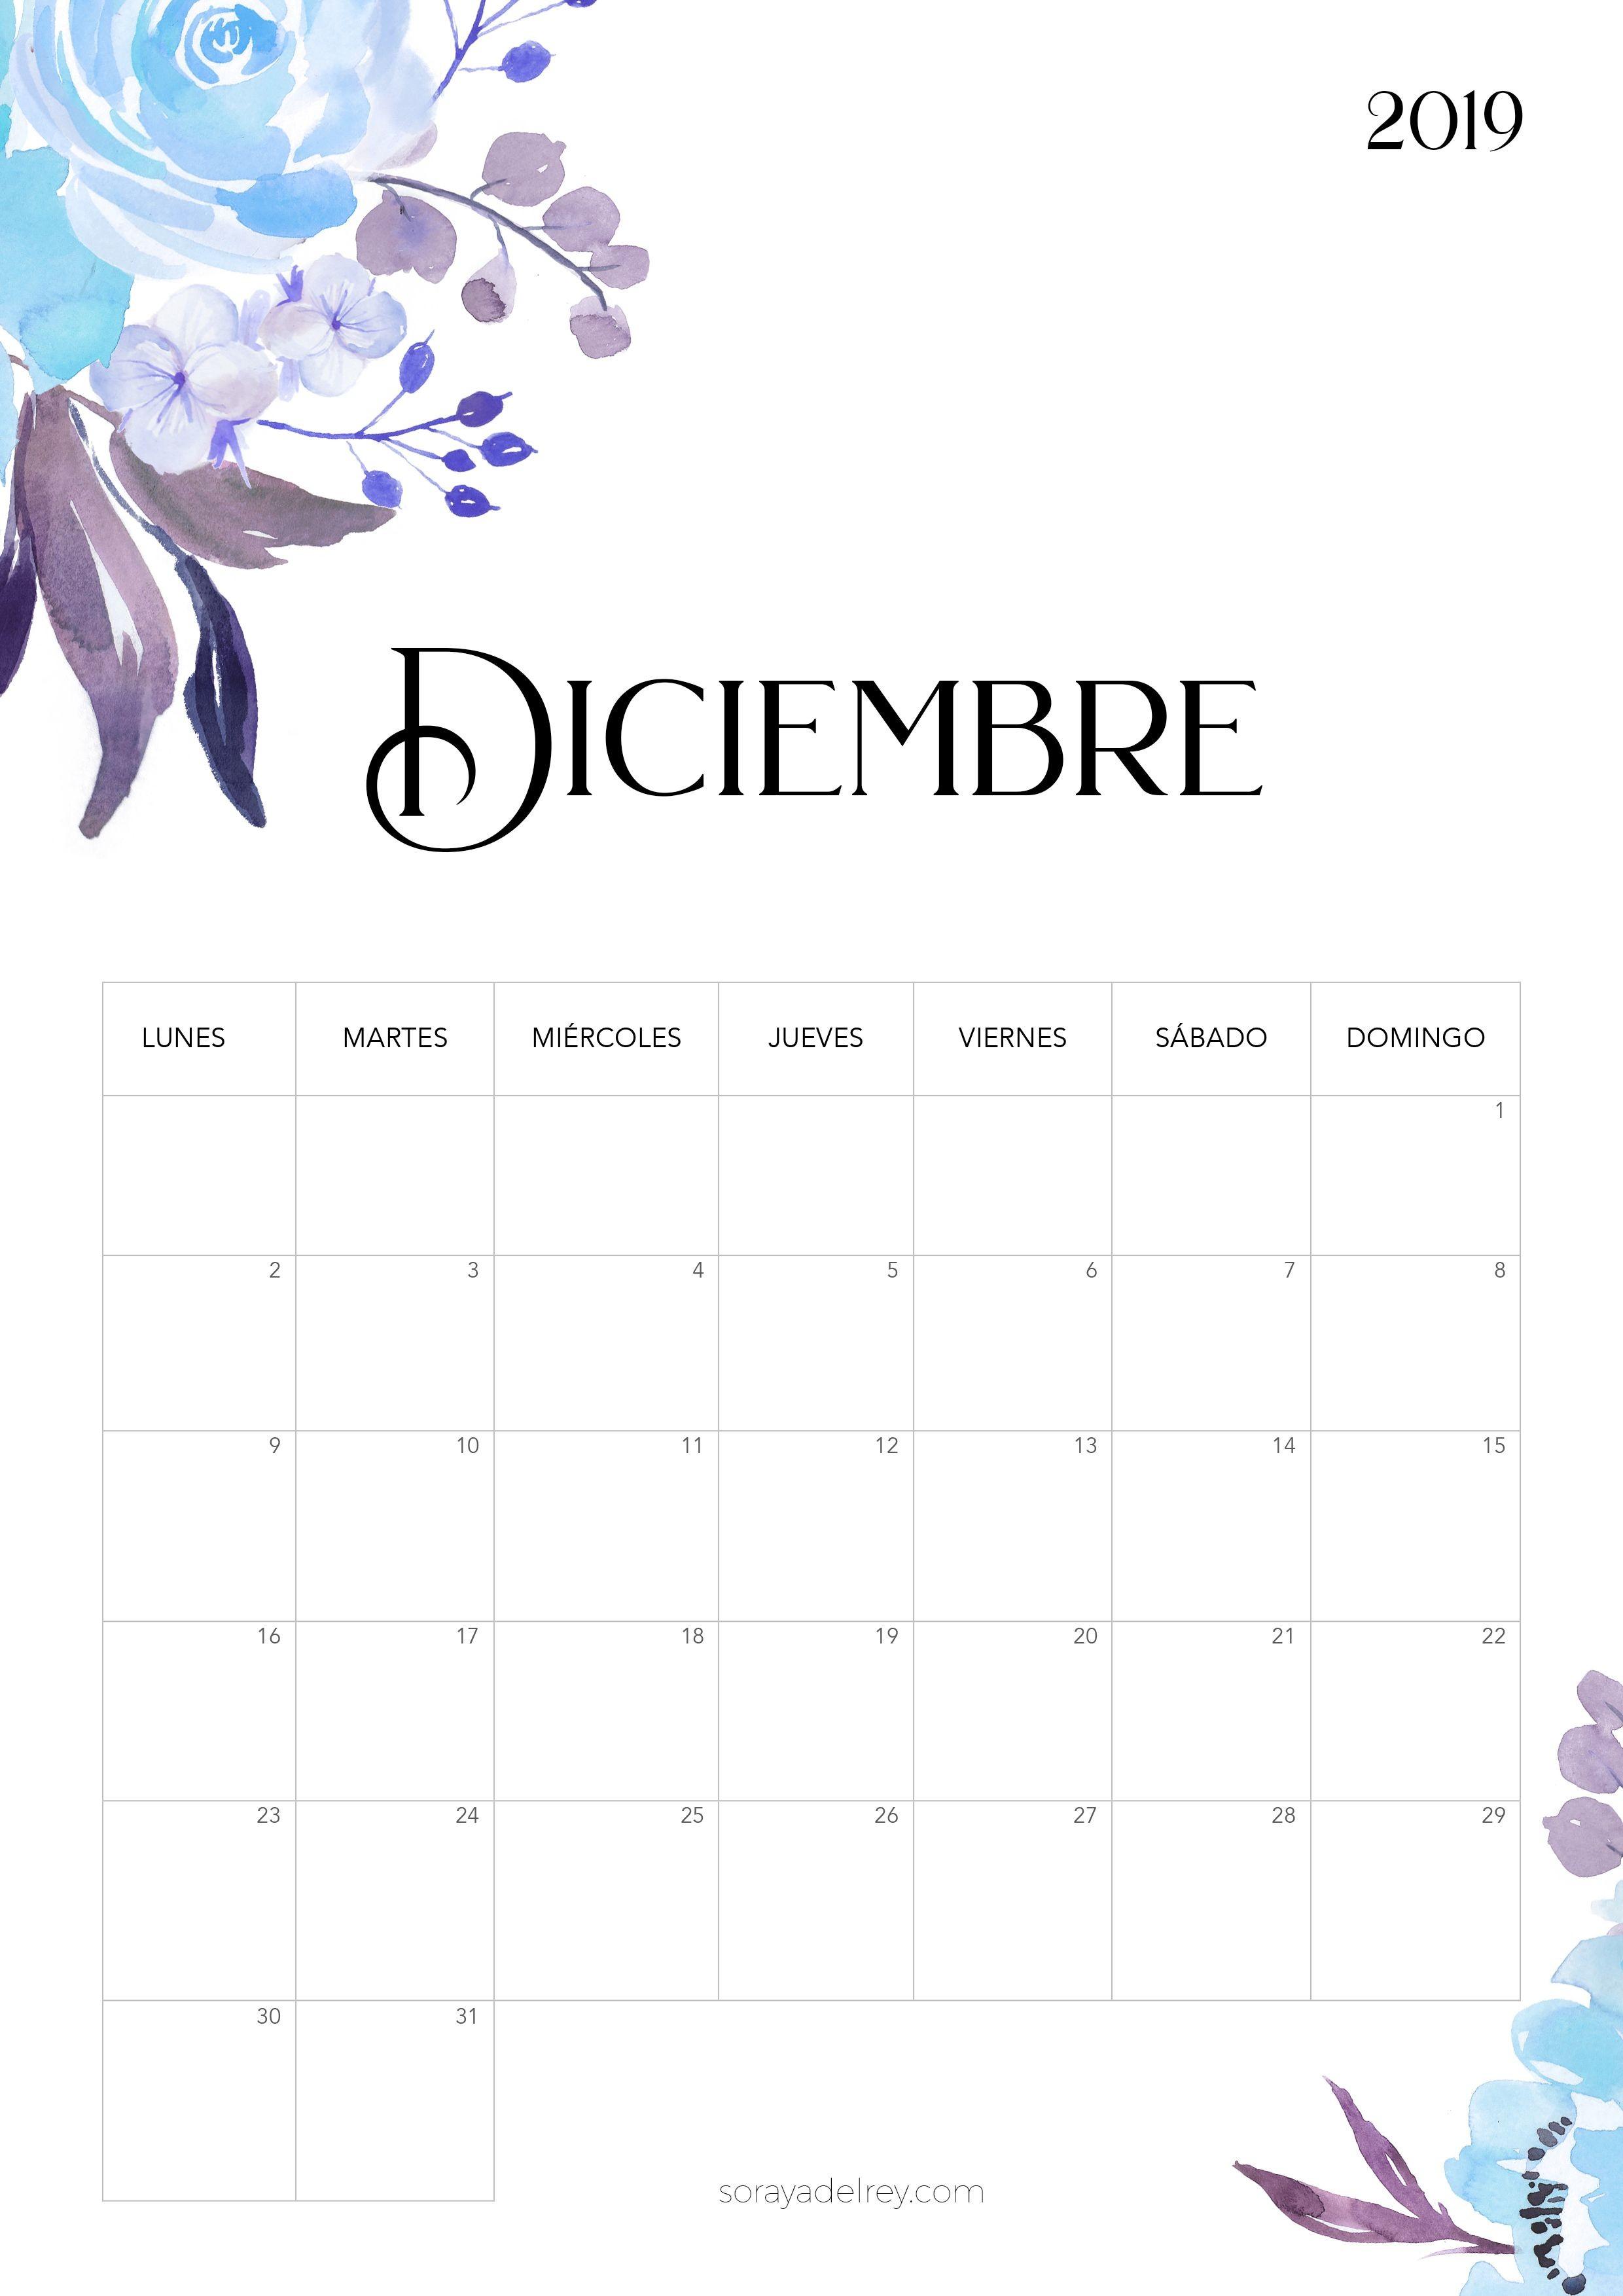 Calendario Para Imprimir 2019 Con Dias Festivos Más Arriba-a-fecha Calendario Para Imprimir 2018 2019 Of Calendario Para Imprimir 2019 Con Dias Festivos Más Actual Arcims Calendario Meteorofenol³gico 1954